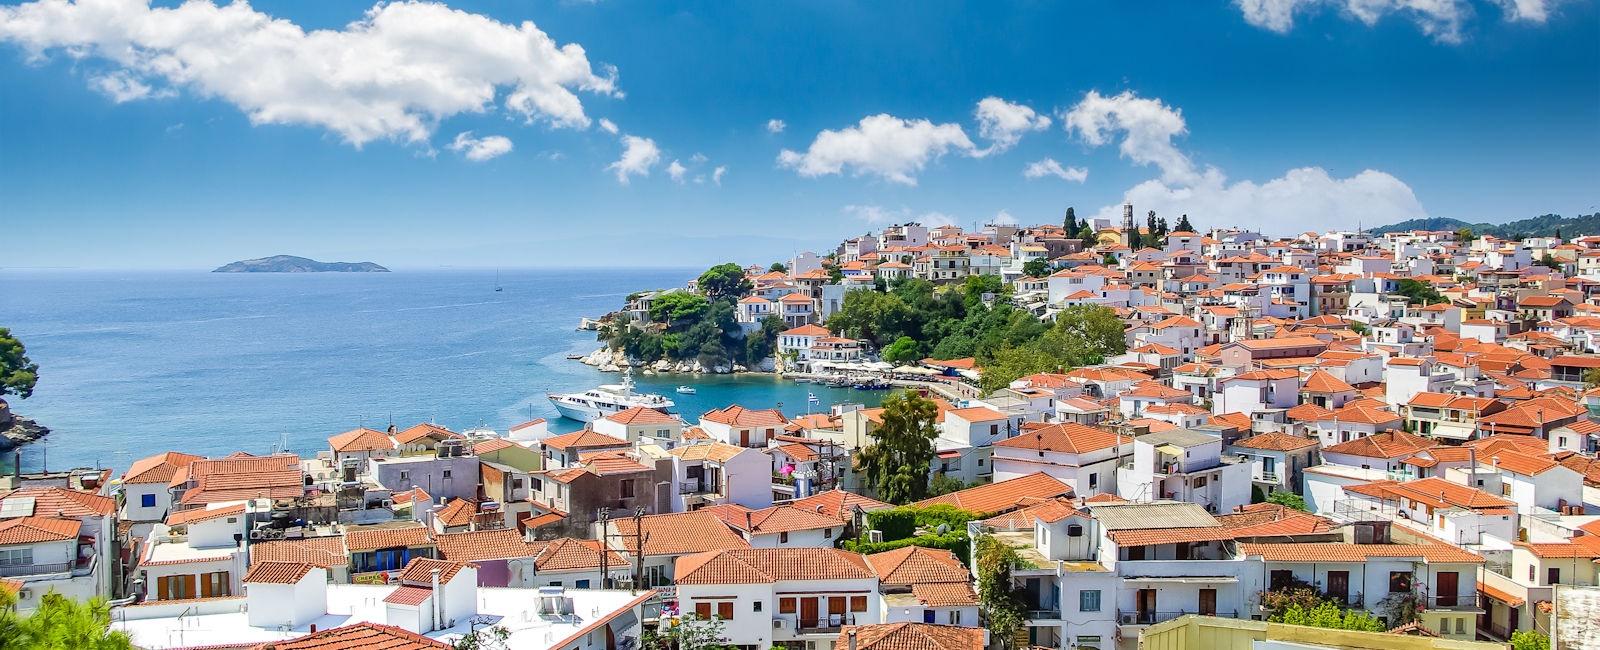 skiathos town, greece